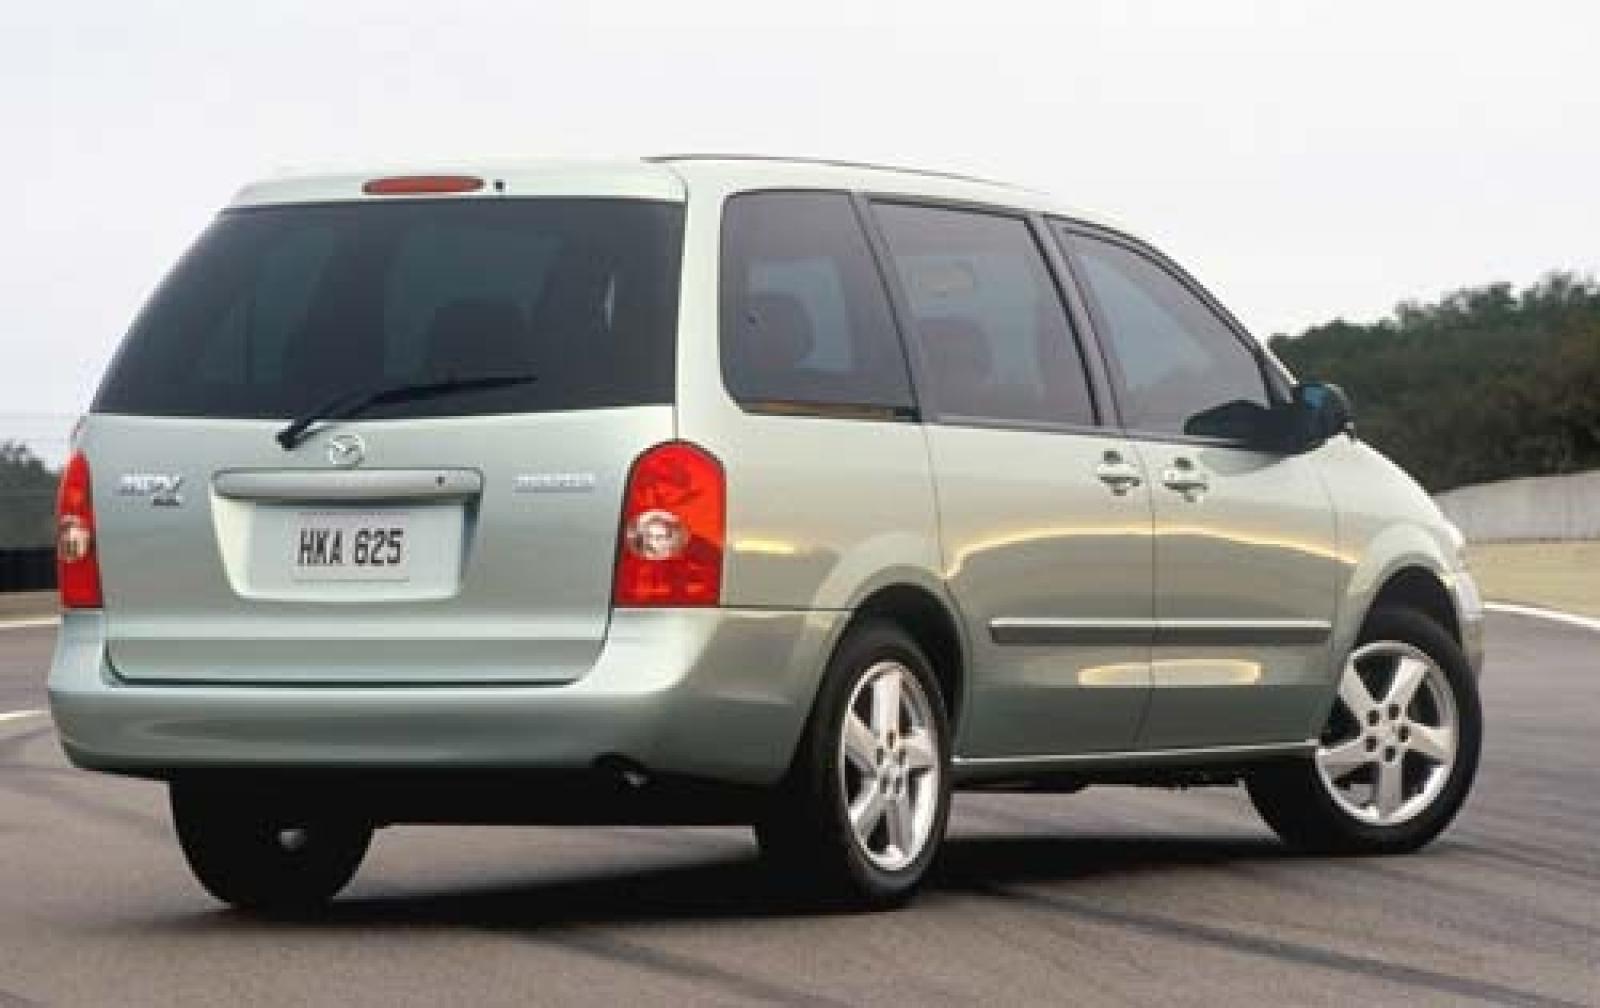 800 1024 1280 1600 origin 2003 Mazda MPV ...